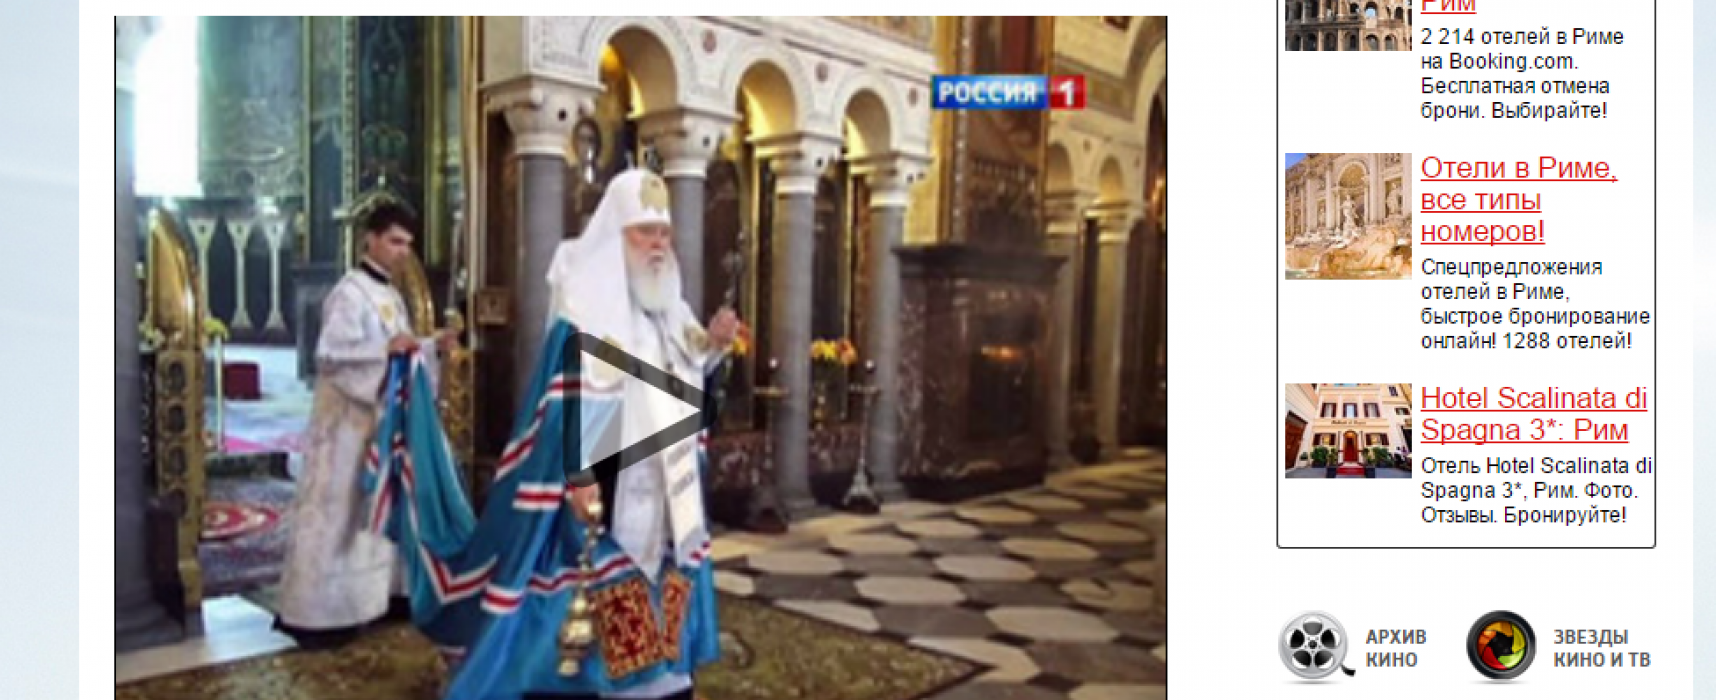 Российские СМИ исказили слова главы УПЦ КП Филарета